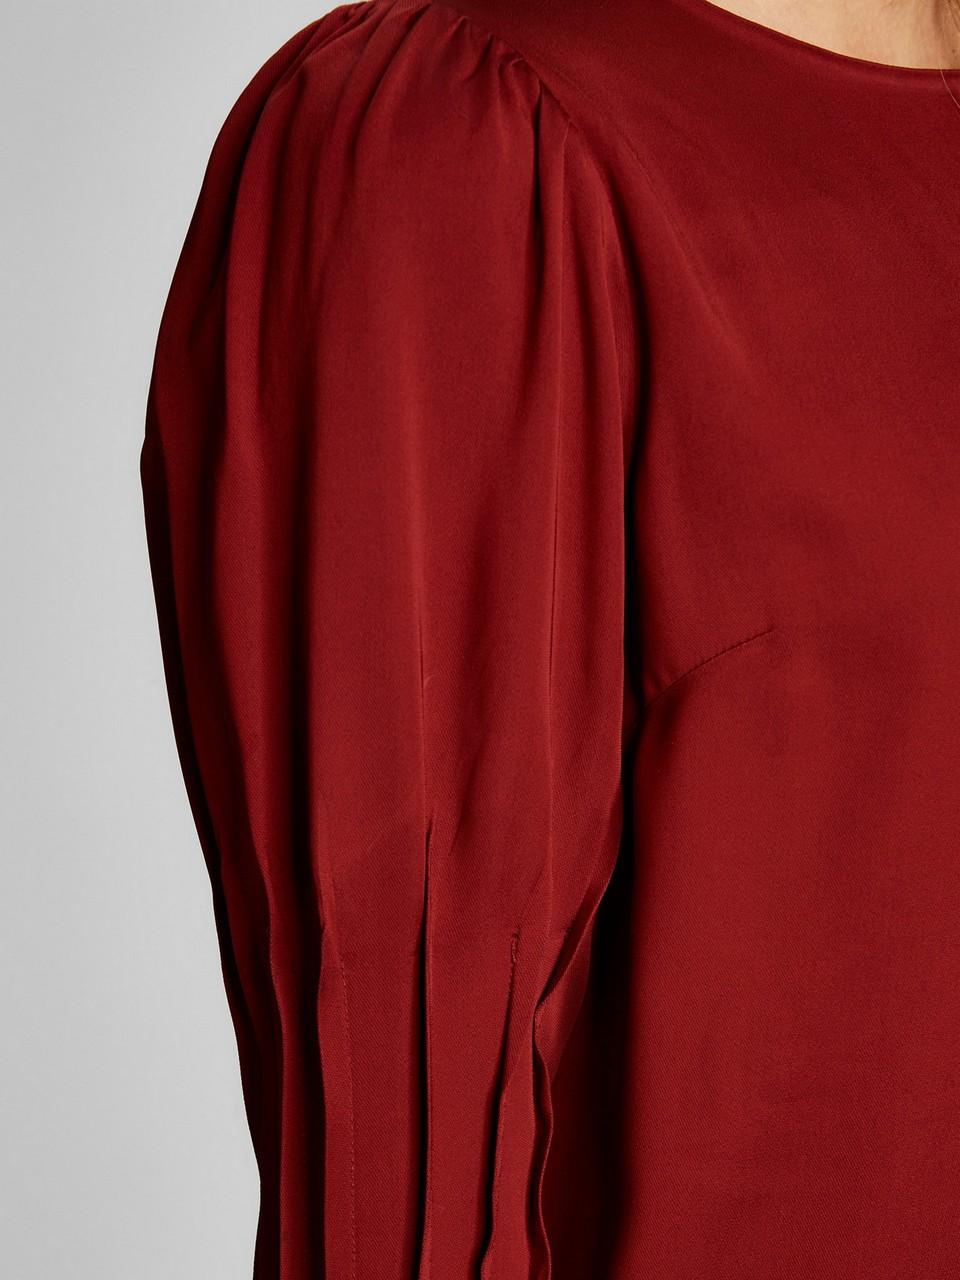 Uzun Kollu Kayık Yaka Krep Elbise